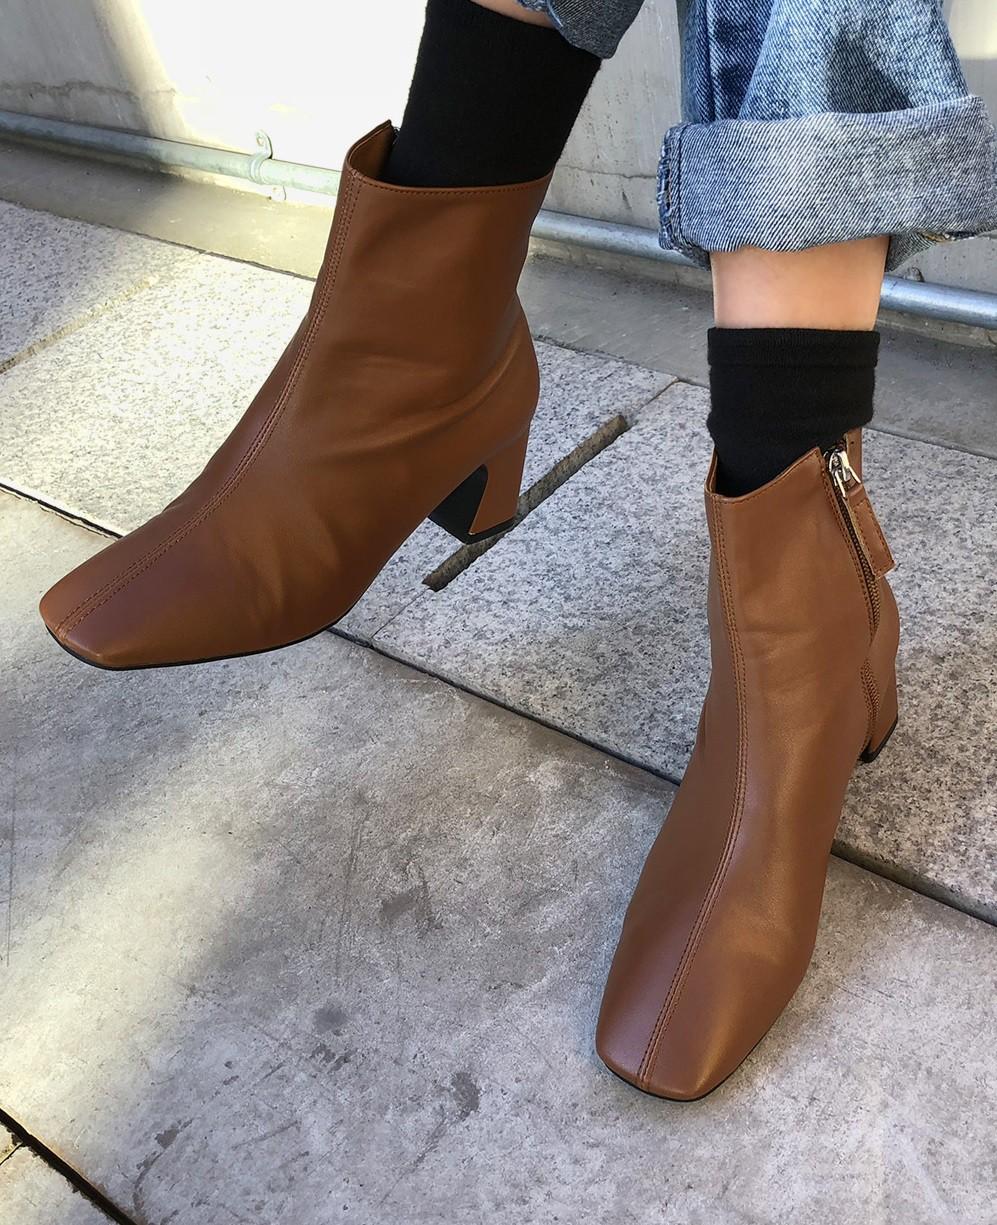 Muốn mặc đẹp không góc chết, chị em đừng sắm 4 đôi boots sau bởi kiểu thì lỗi mốt, kiểu trông đến là nhàm - Ảnh 6